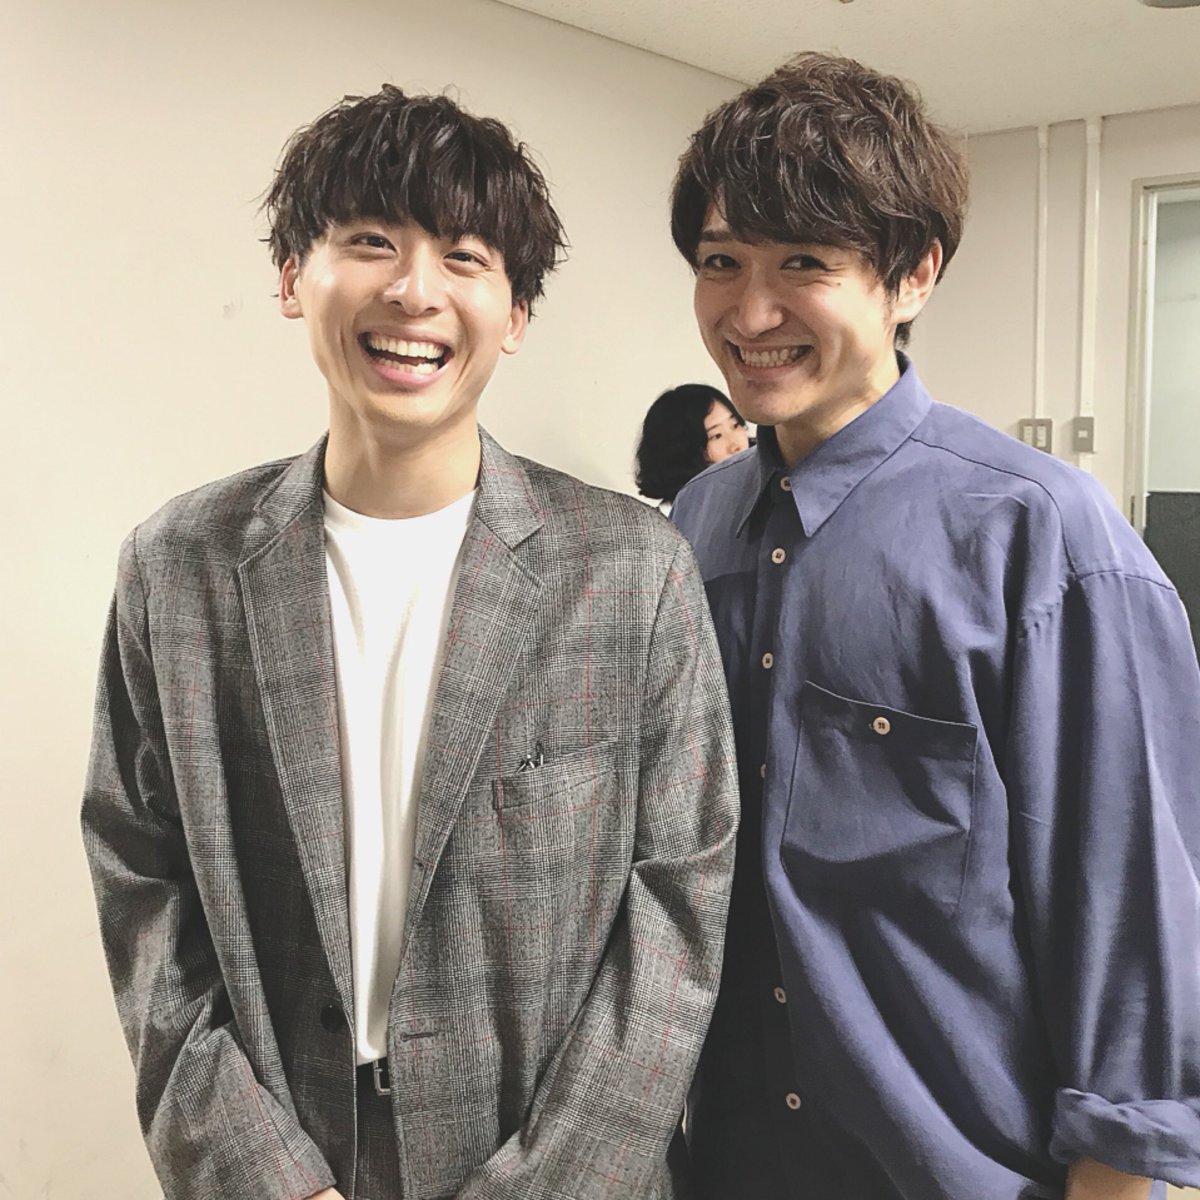 工藤兄弟 hashtag on Twitter